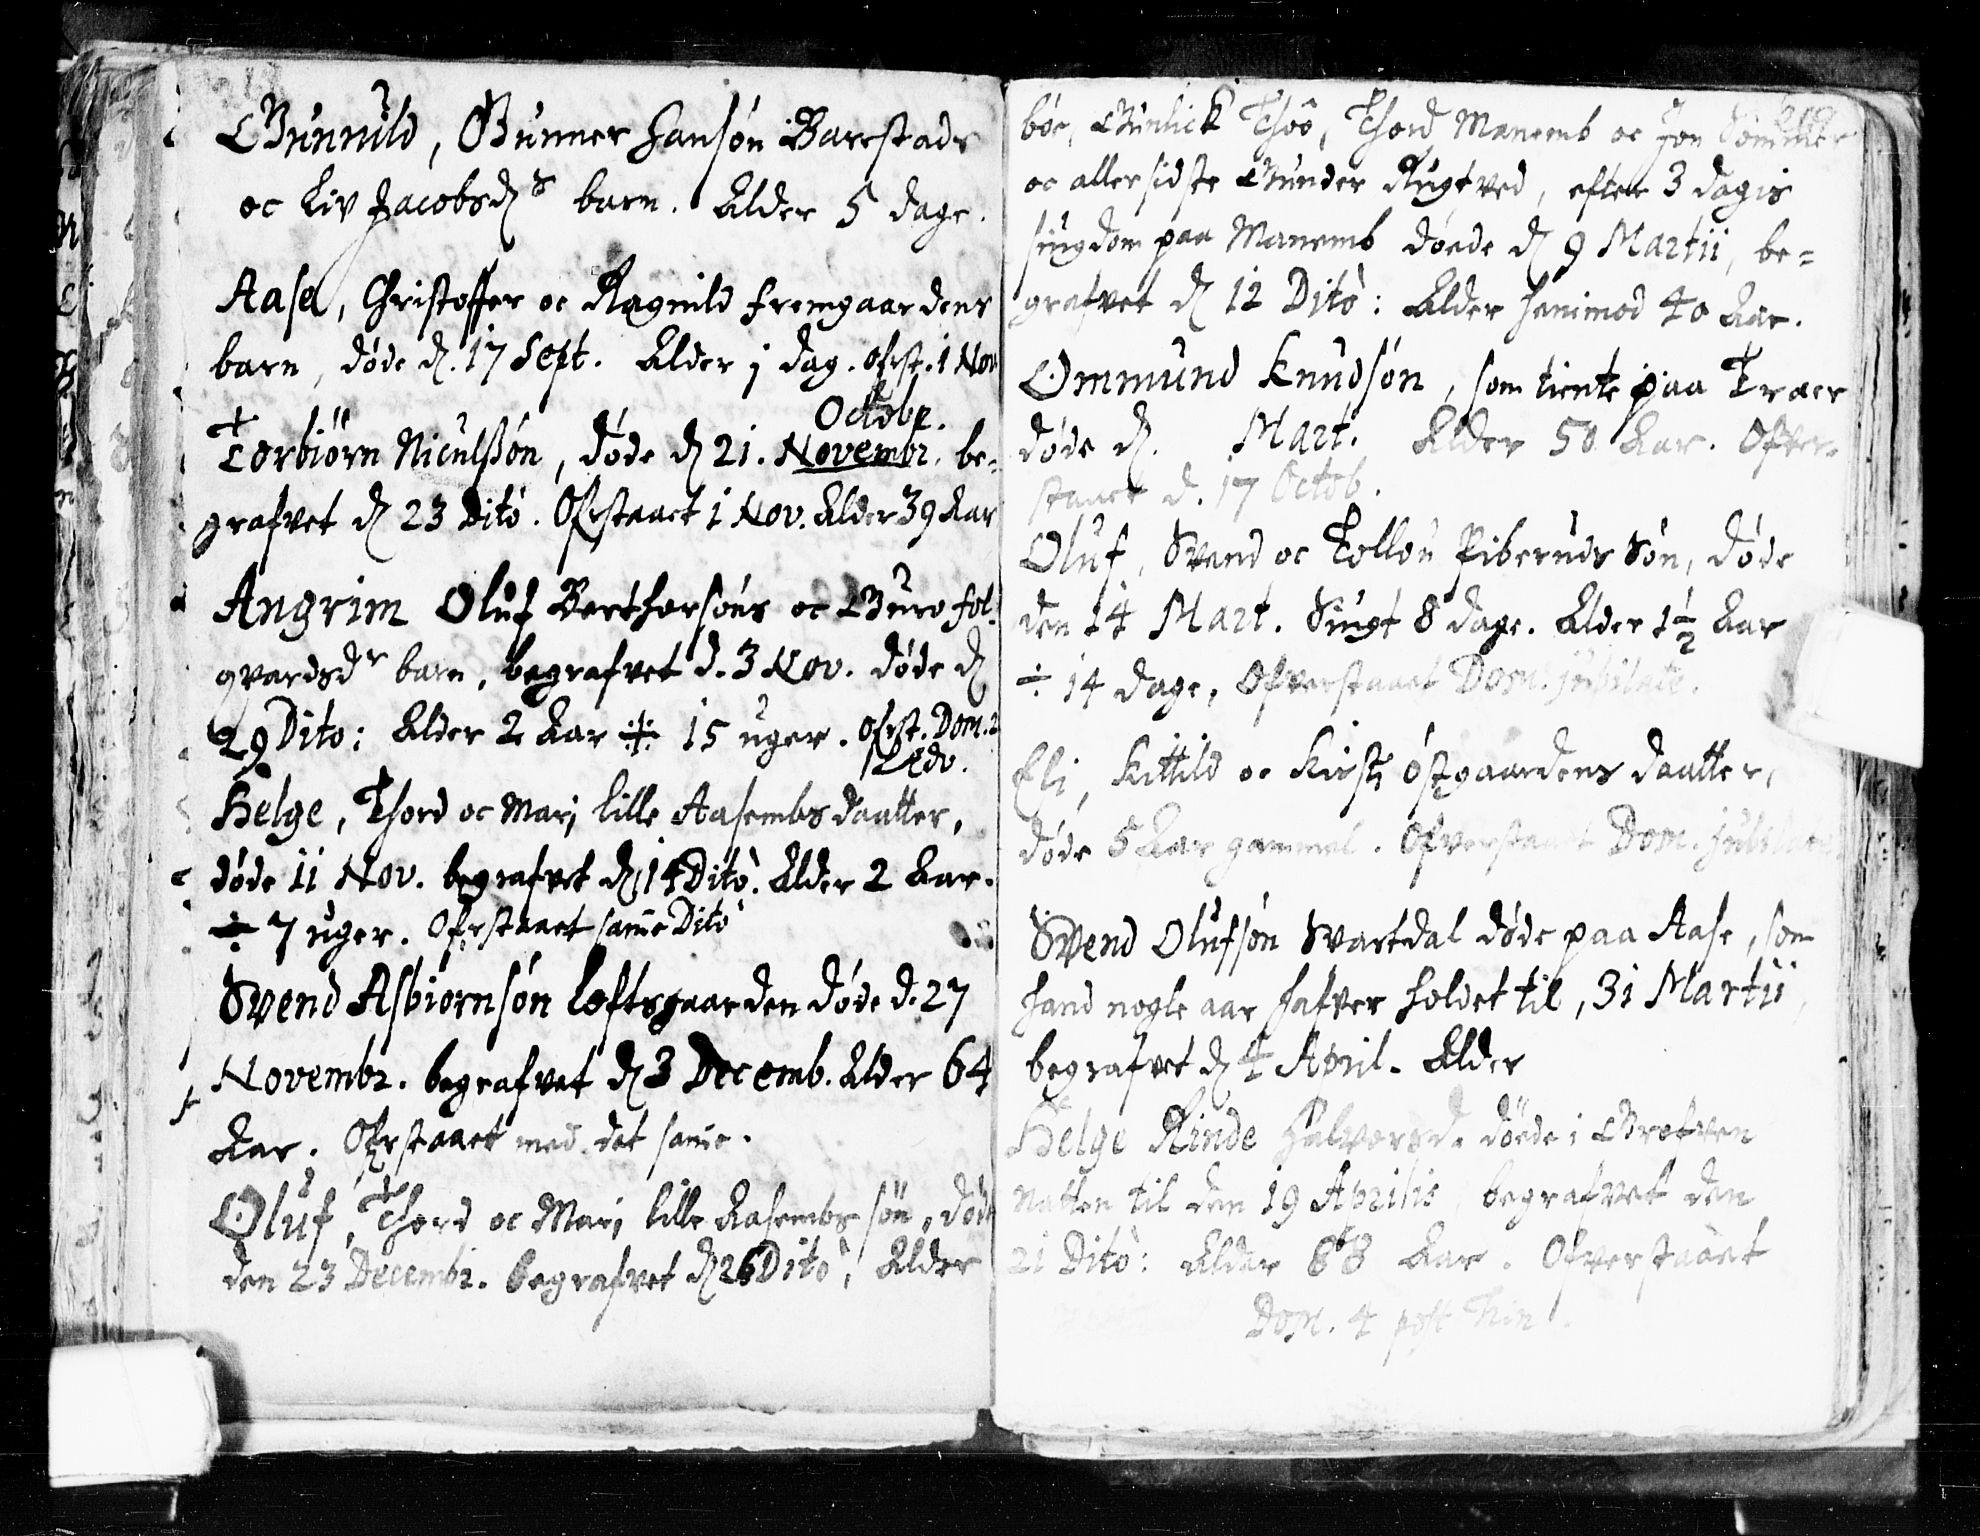 SAKO, Seljord kirkebøker, F/Fa/L0002: Ministerialbok nr. I 2, 1689-1713, s. 268-269